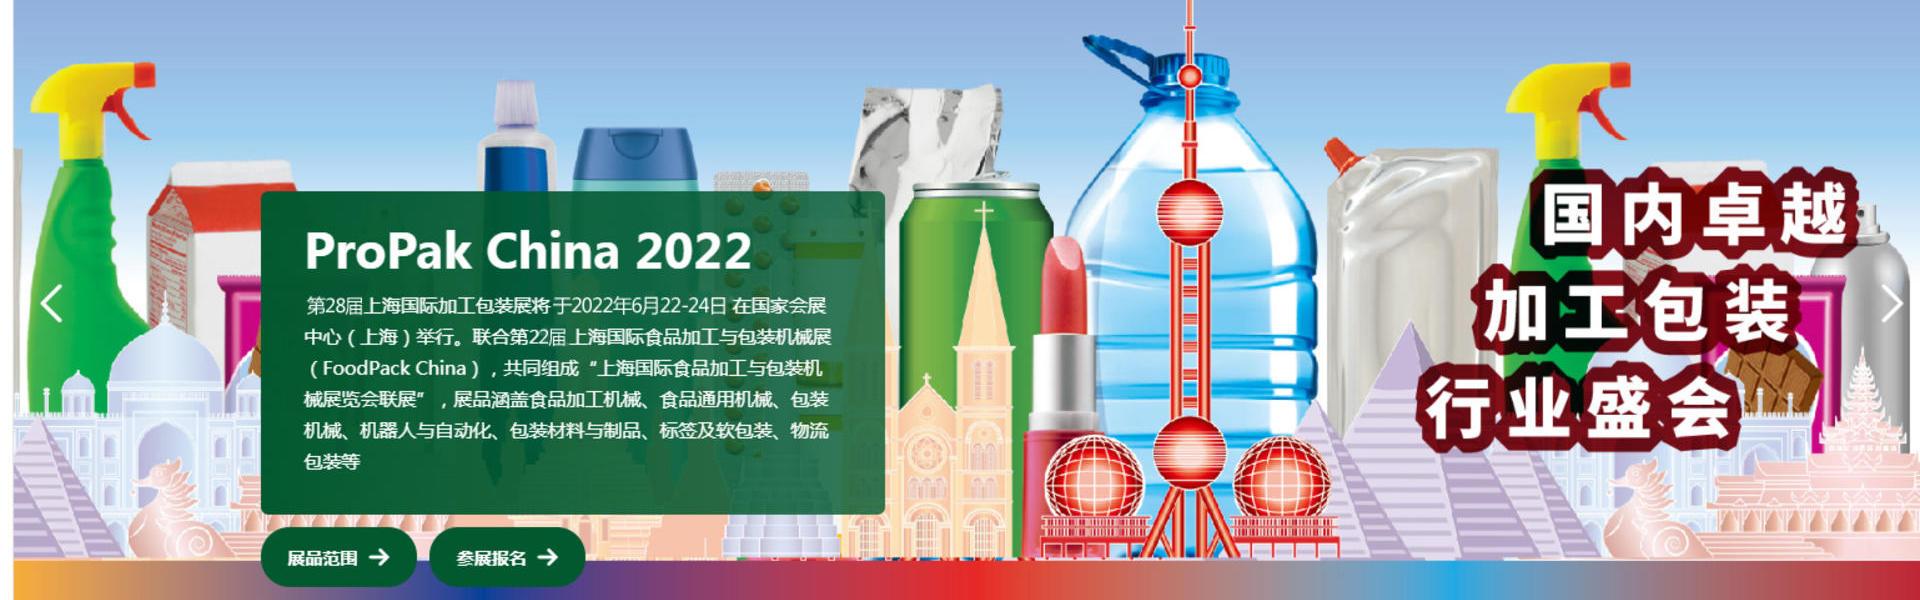 2020上海加工包装展propak时间